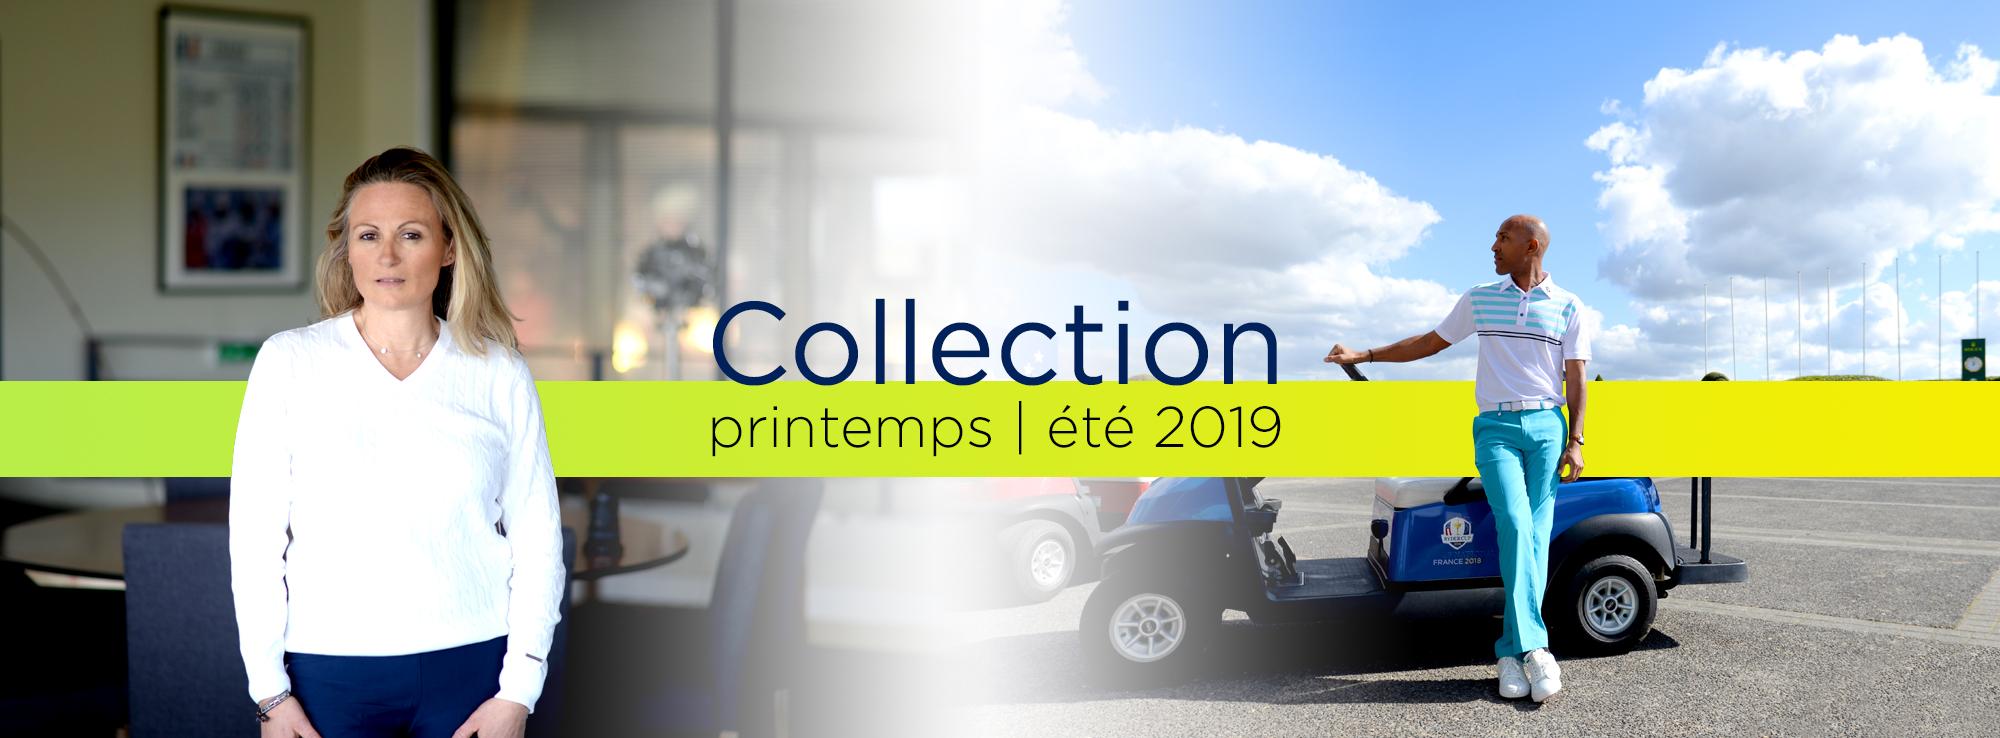 Collection printemps été 2019